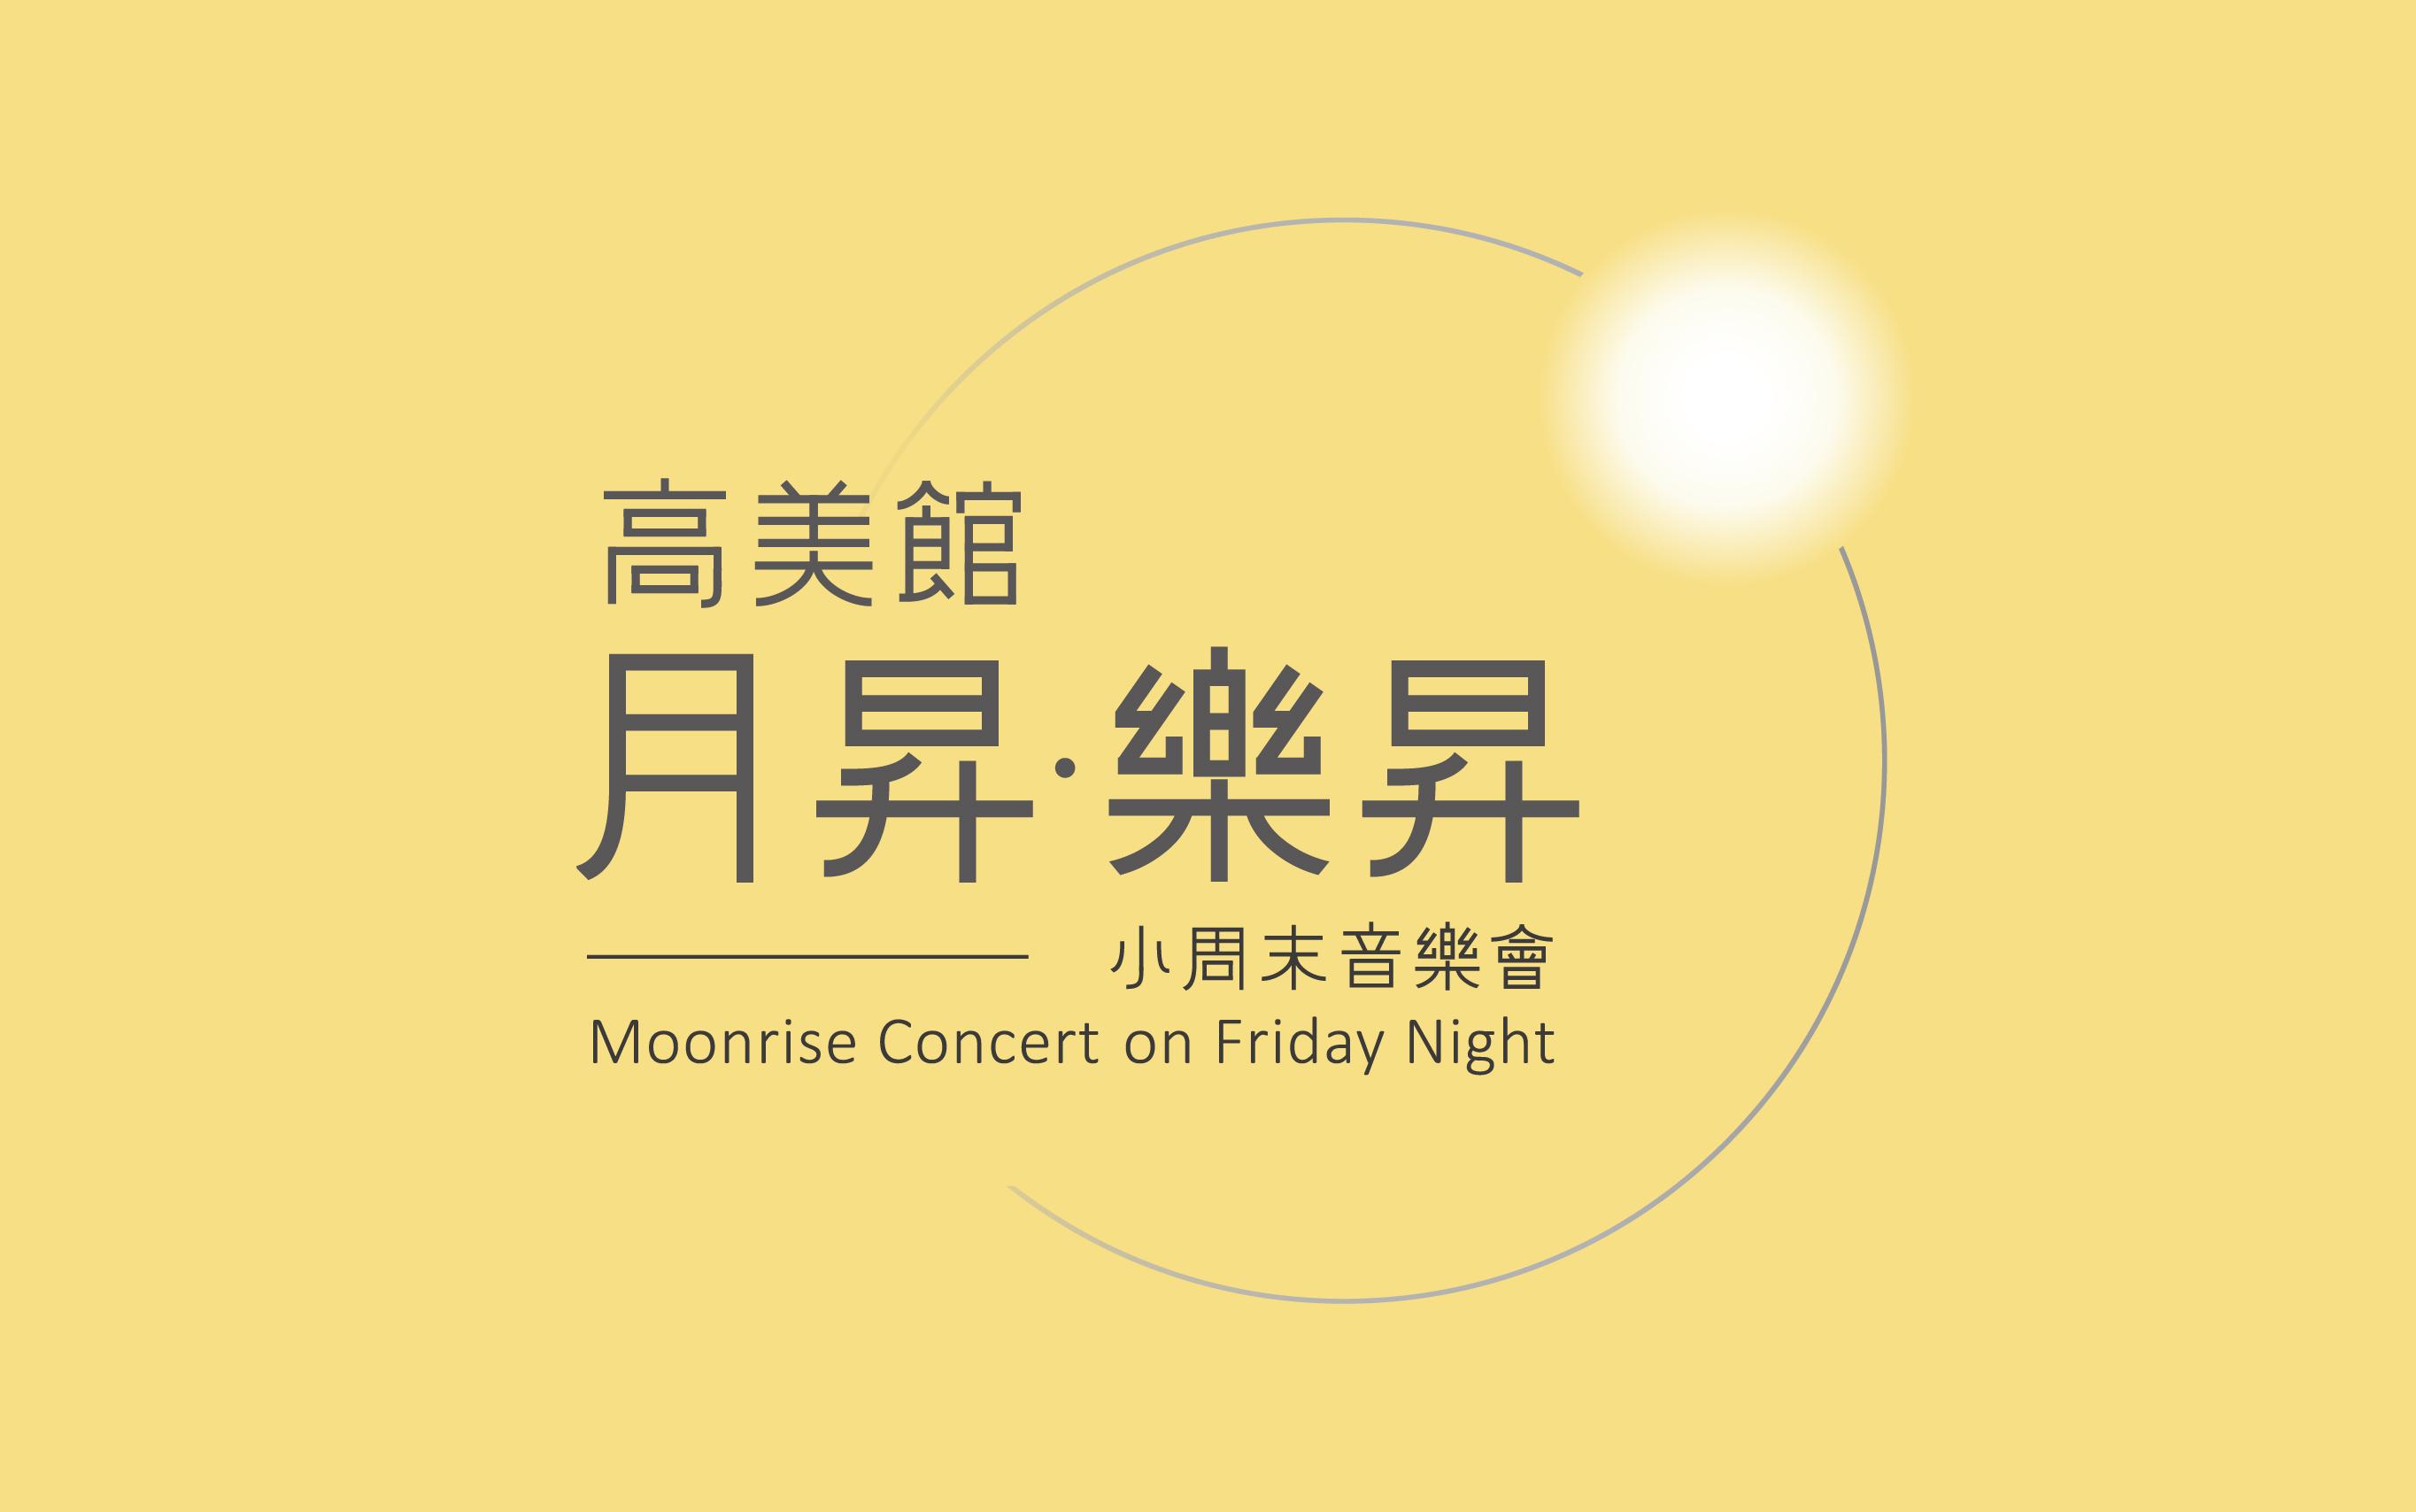 月昇.樂昇-小周末音樂會 4/12(五)新古典室內樂團「逐詩.頌樂.隨舞」